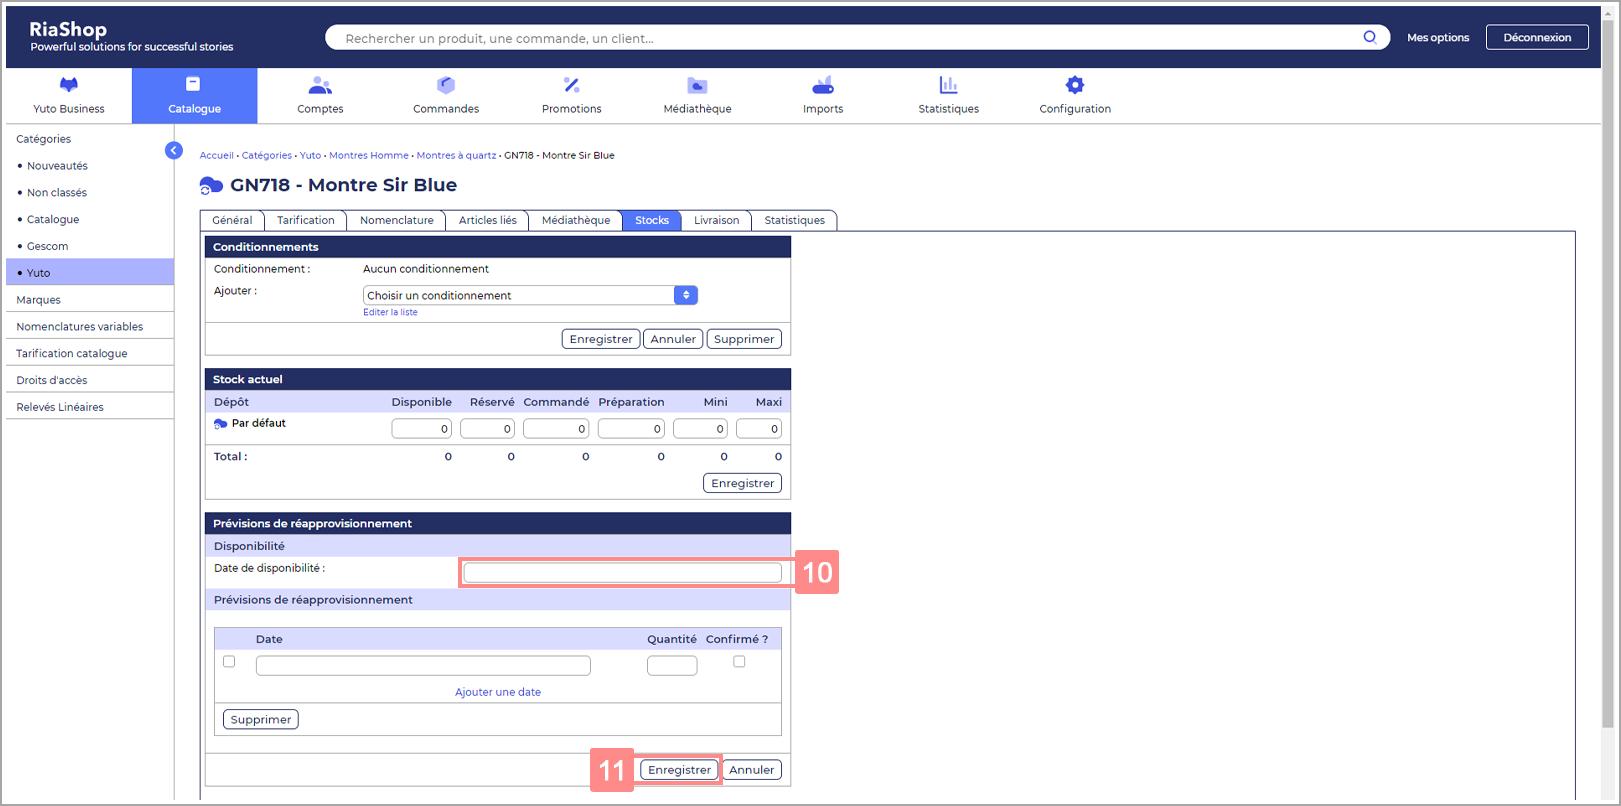 Renseigner la date de réapprovisionnement d'un produit - Site d'ide RiaShop / Yuto